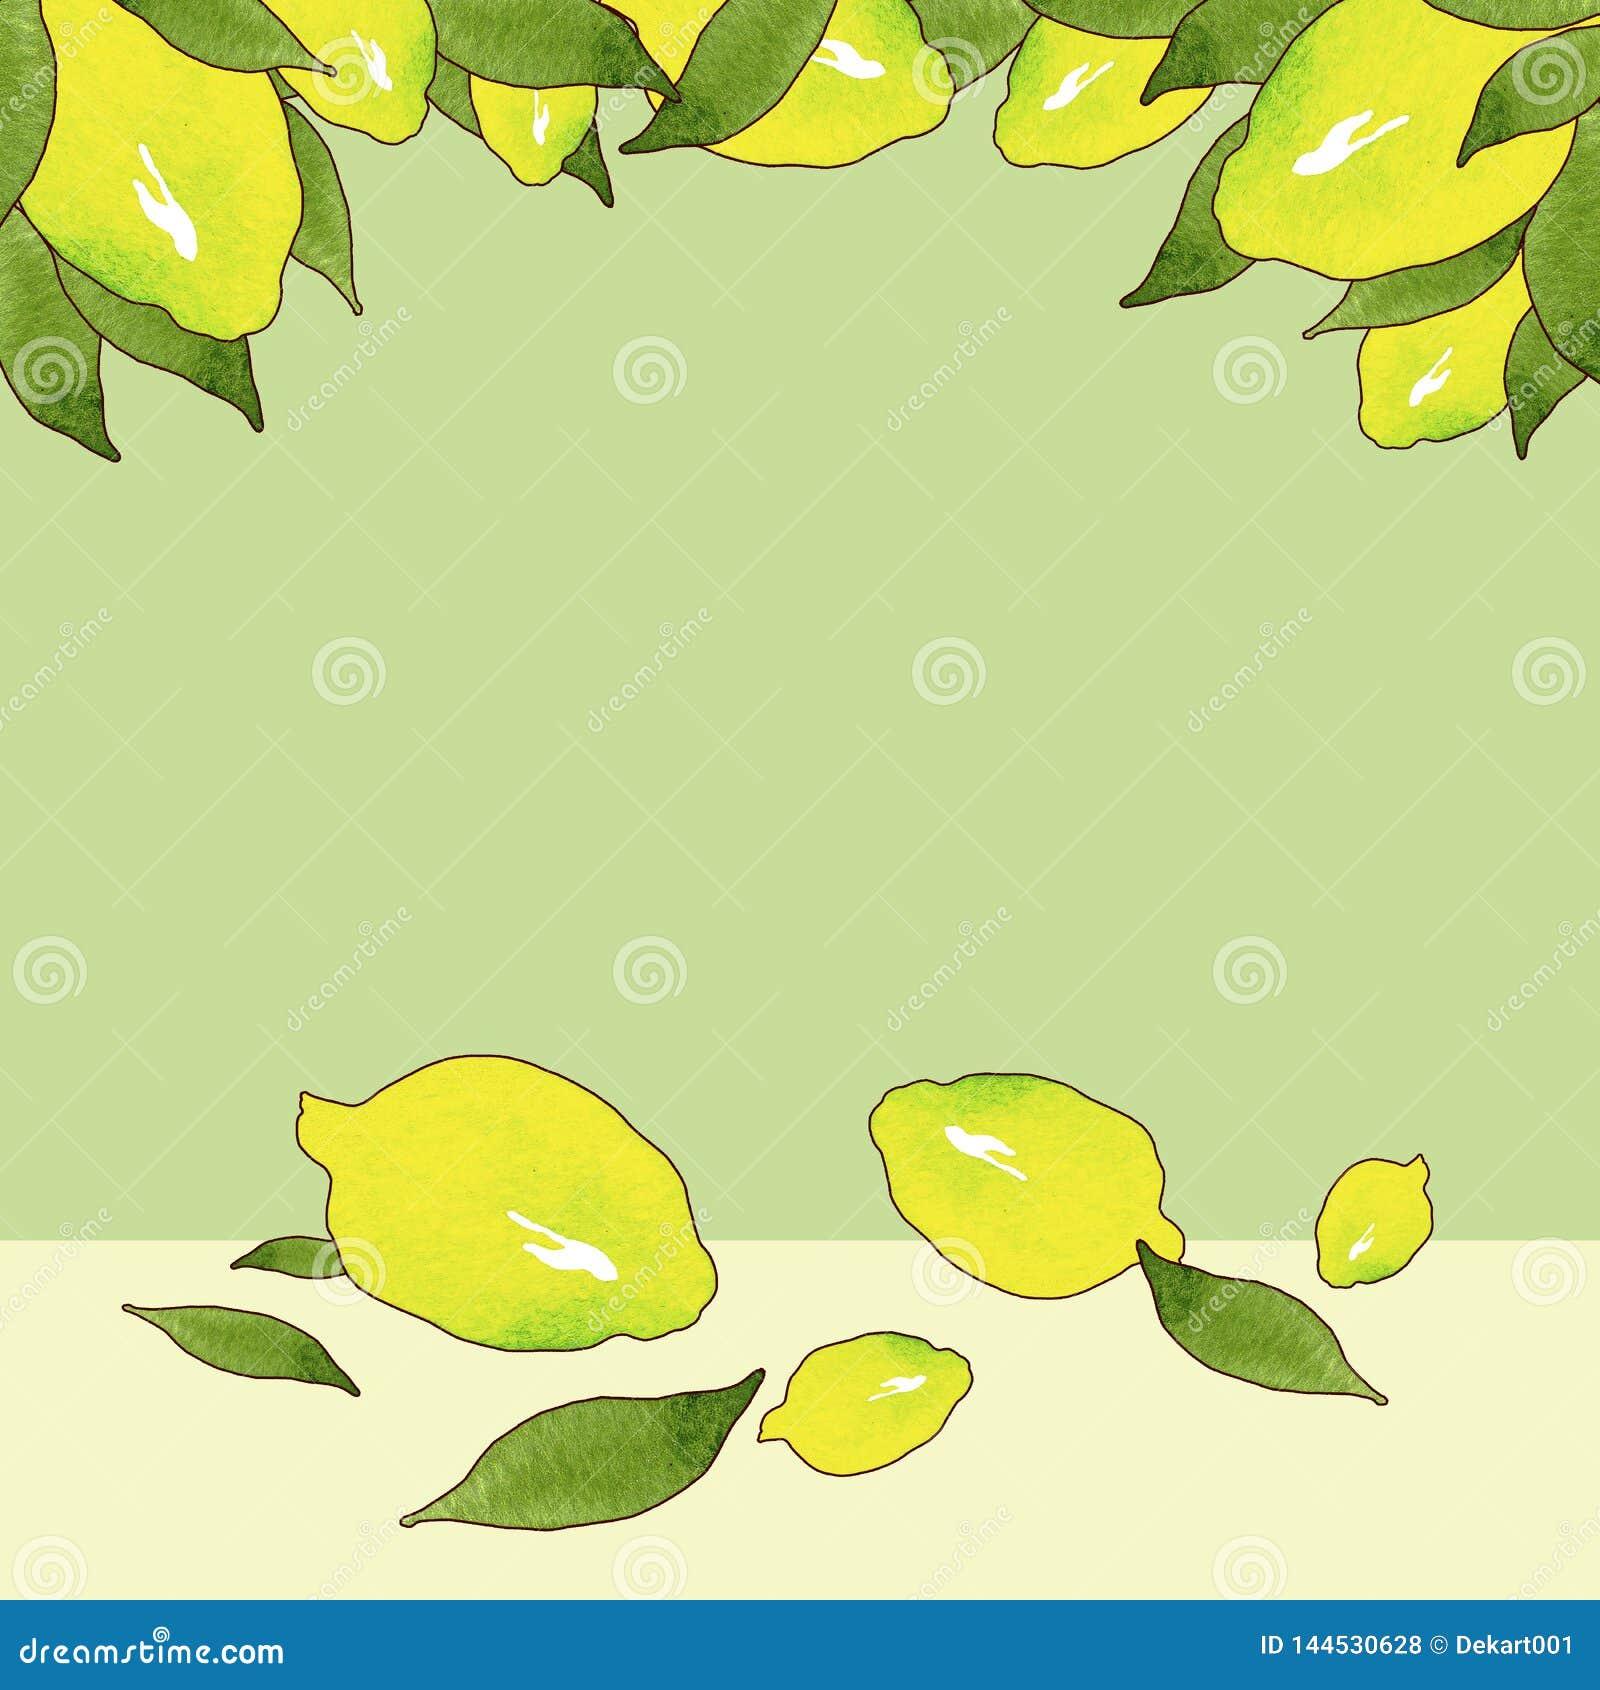 Πλαίσιο των κίτρινων φρούτων λεμονιών με τα πράσινα φύλλα που απομονώνεται στο πράσινο υπόβαθρο στο όμορφο ύφος Πρότυπο πλαισίων